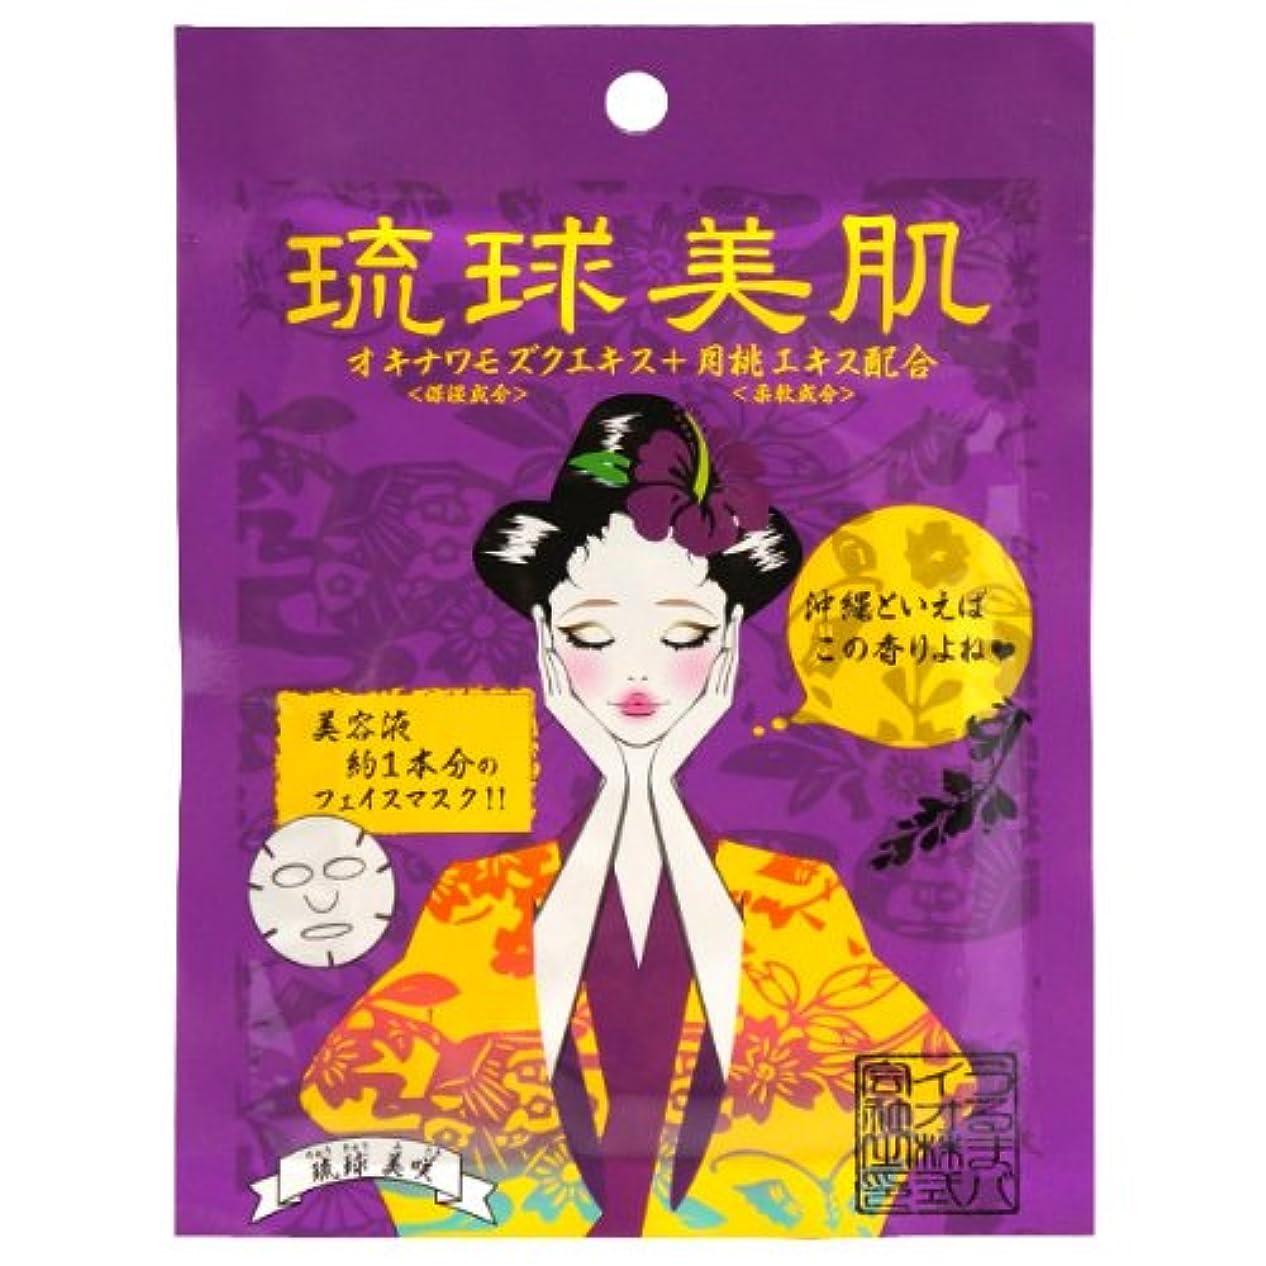 花婿動く小道具琉球美肌 月桃の香り